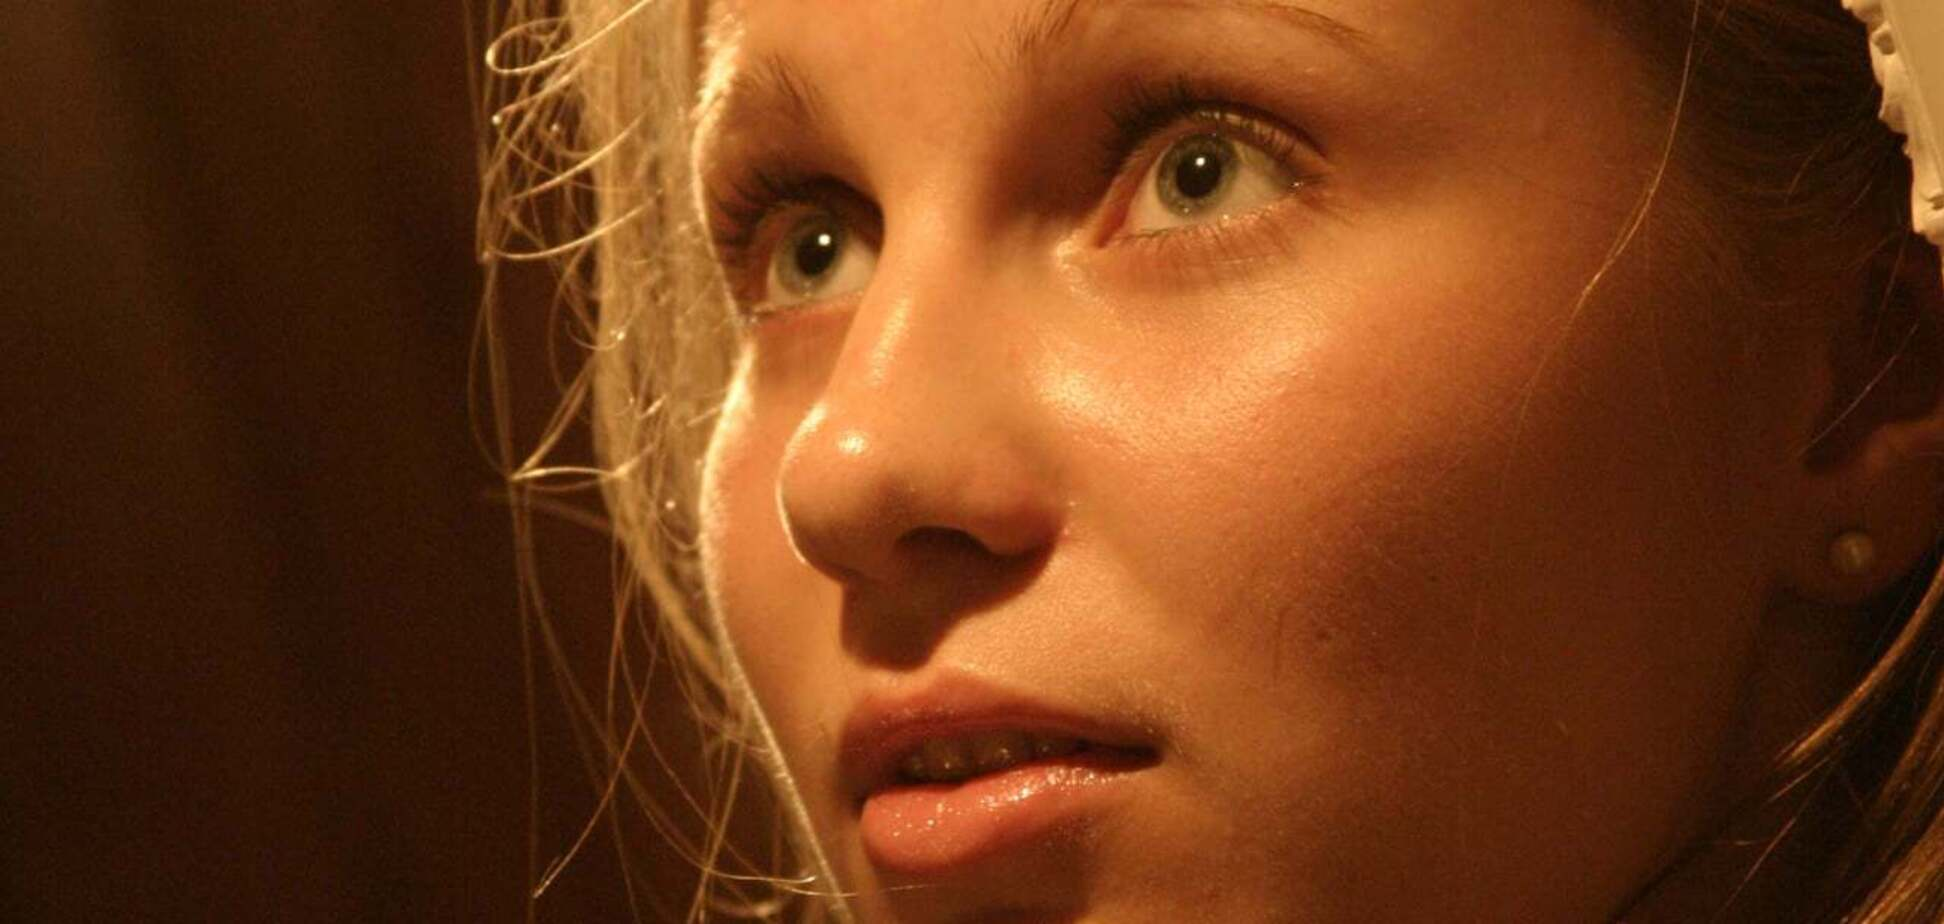 Жертва Ктиторчука публично поделилась подробностями изнасилования